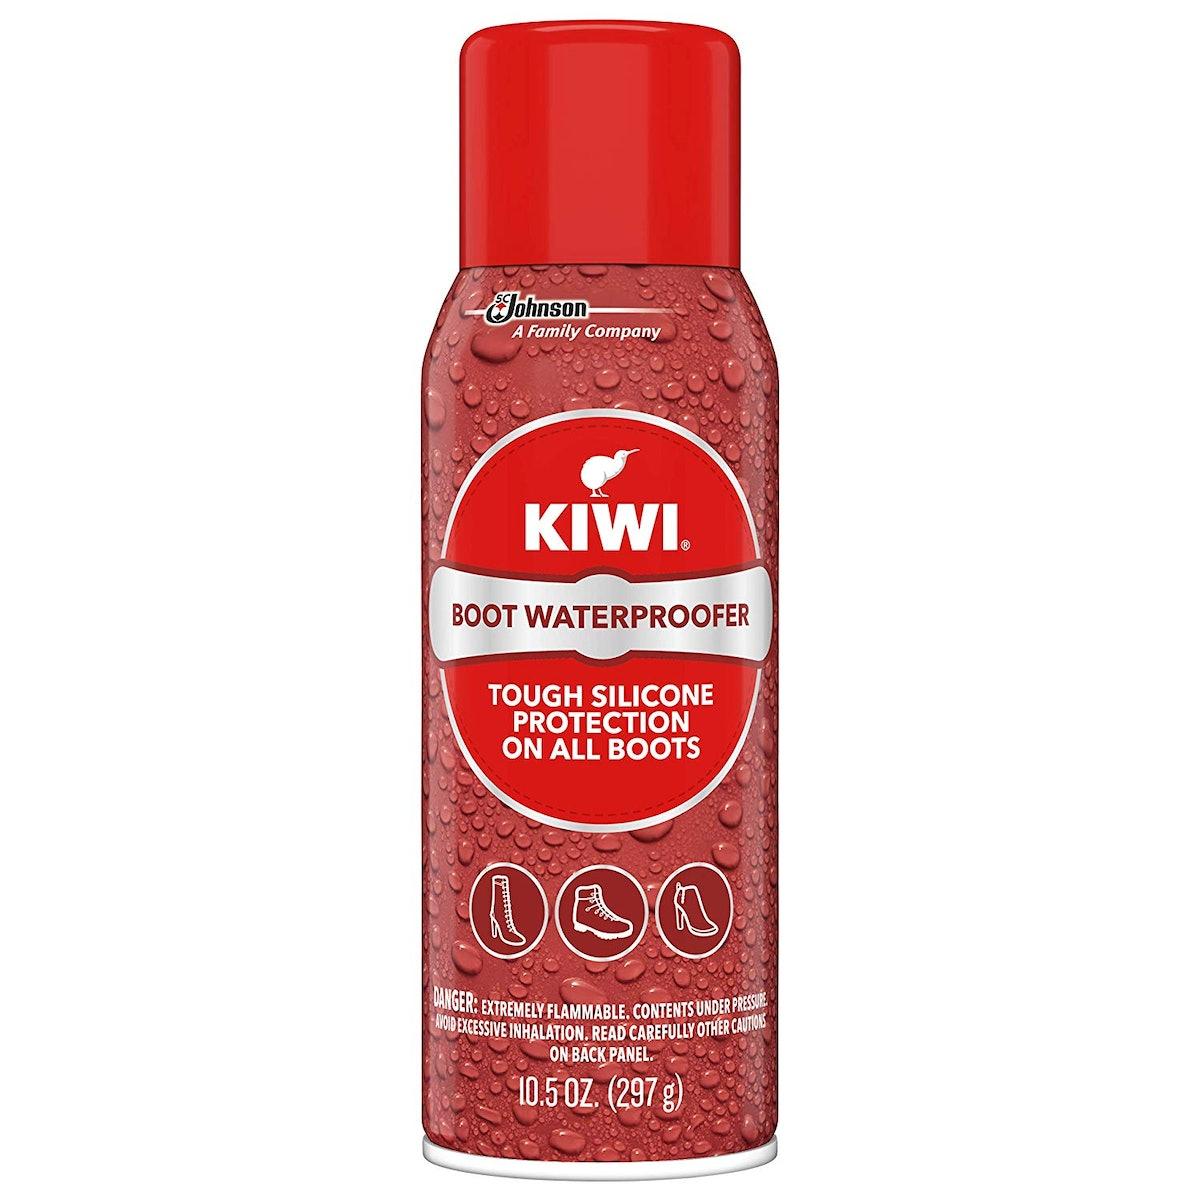 Kiwi Boot Waterproofer